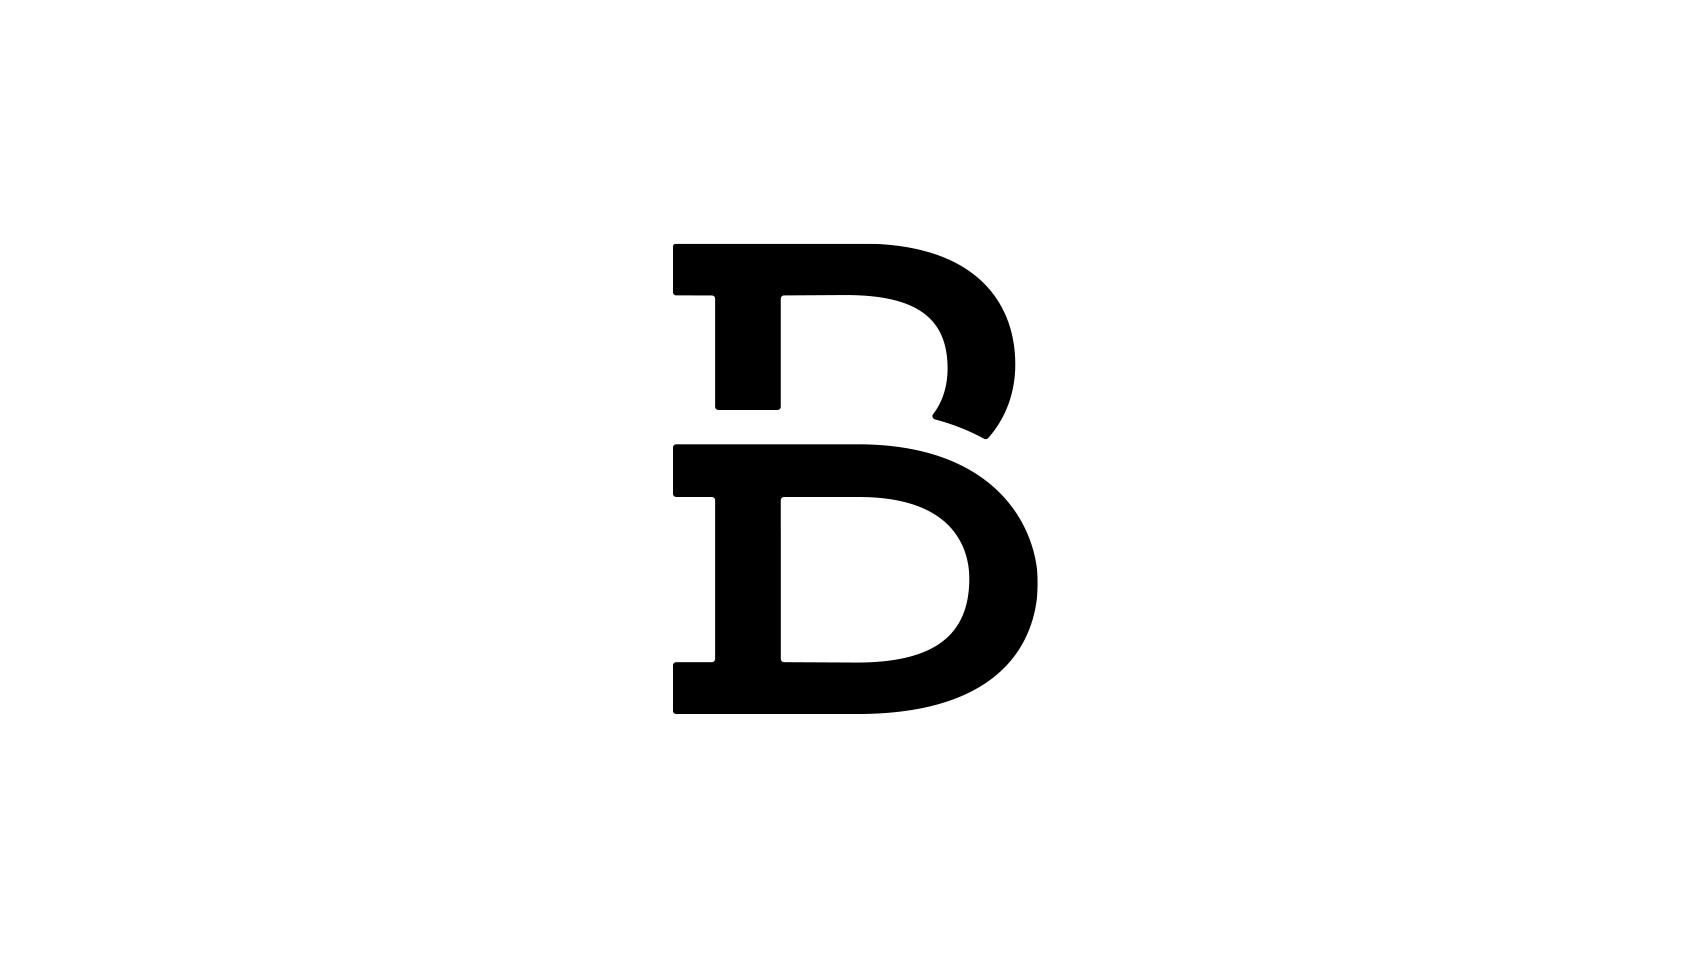 ミニマルを意識したBUROKI designのロゴデザインについて